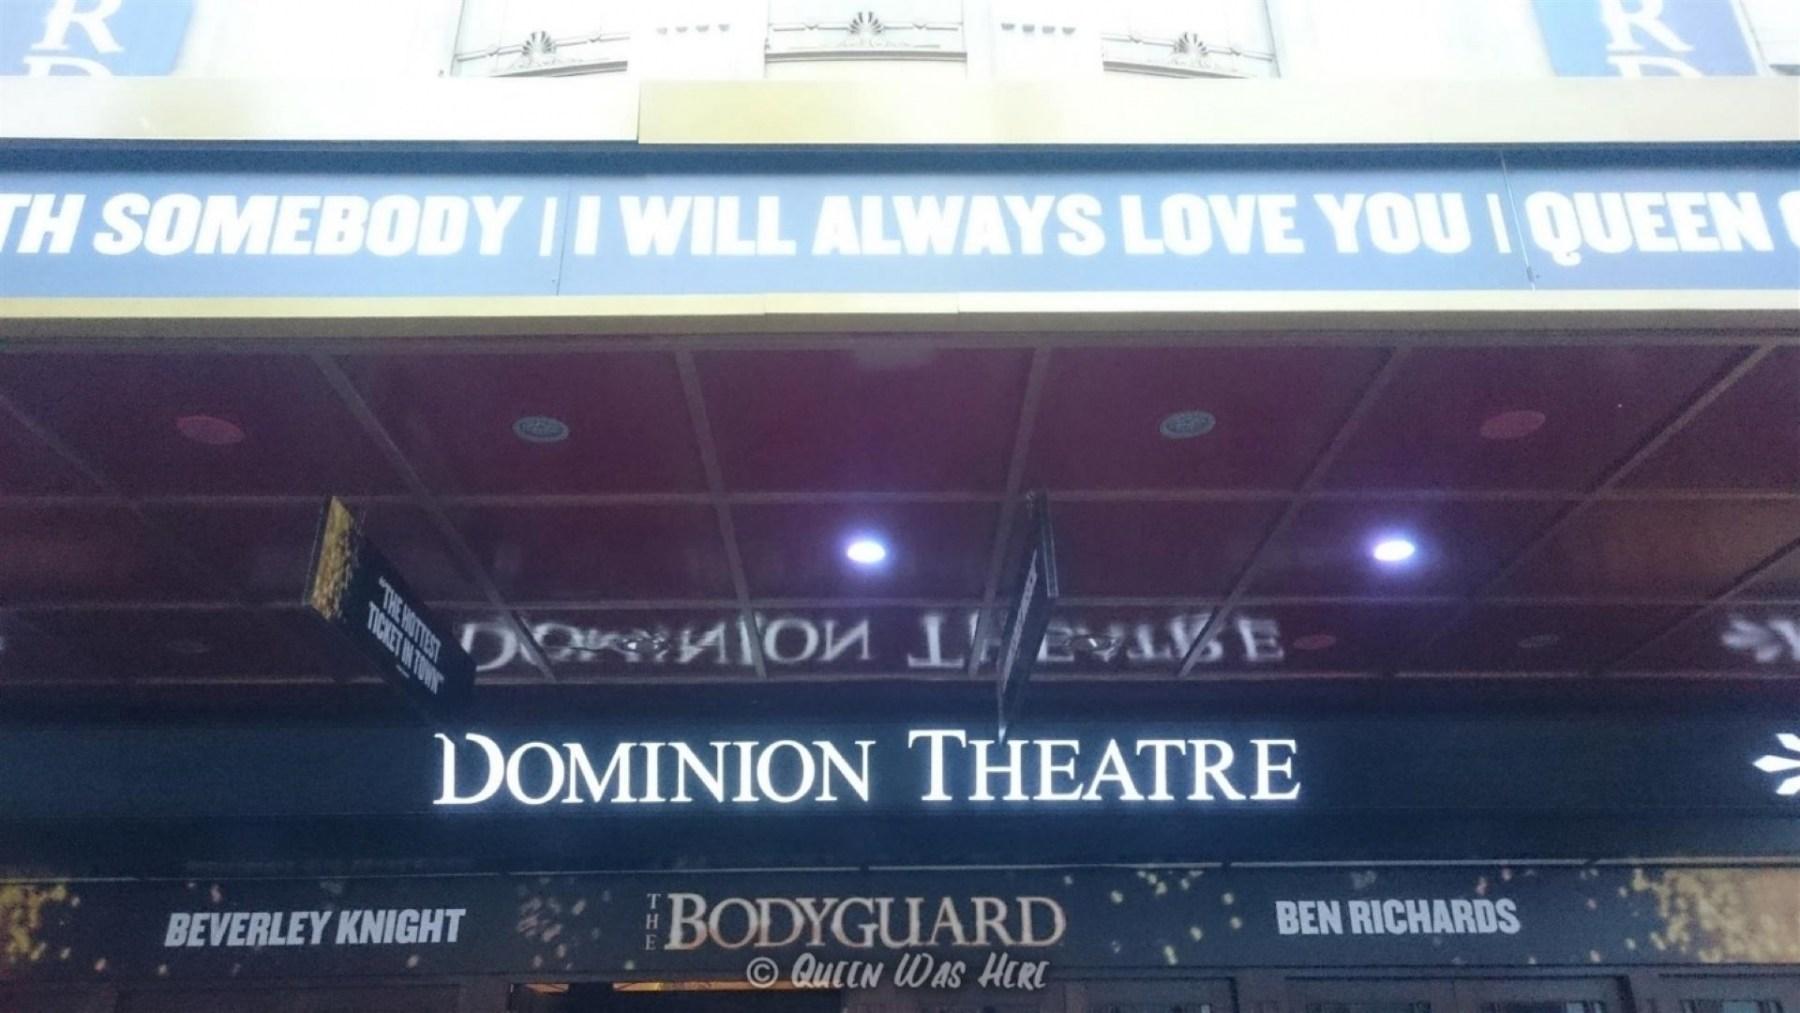 dominion-theatre-wwry-london-2